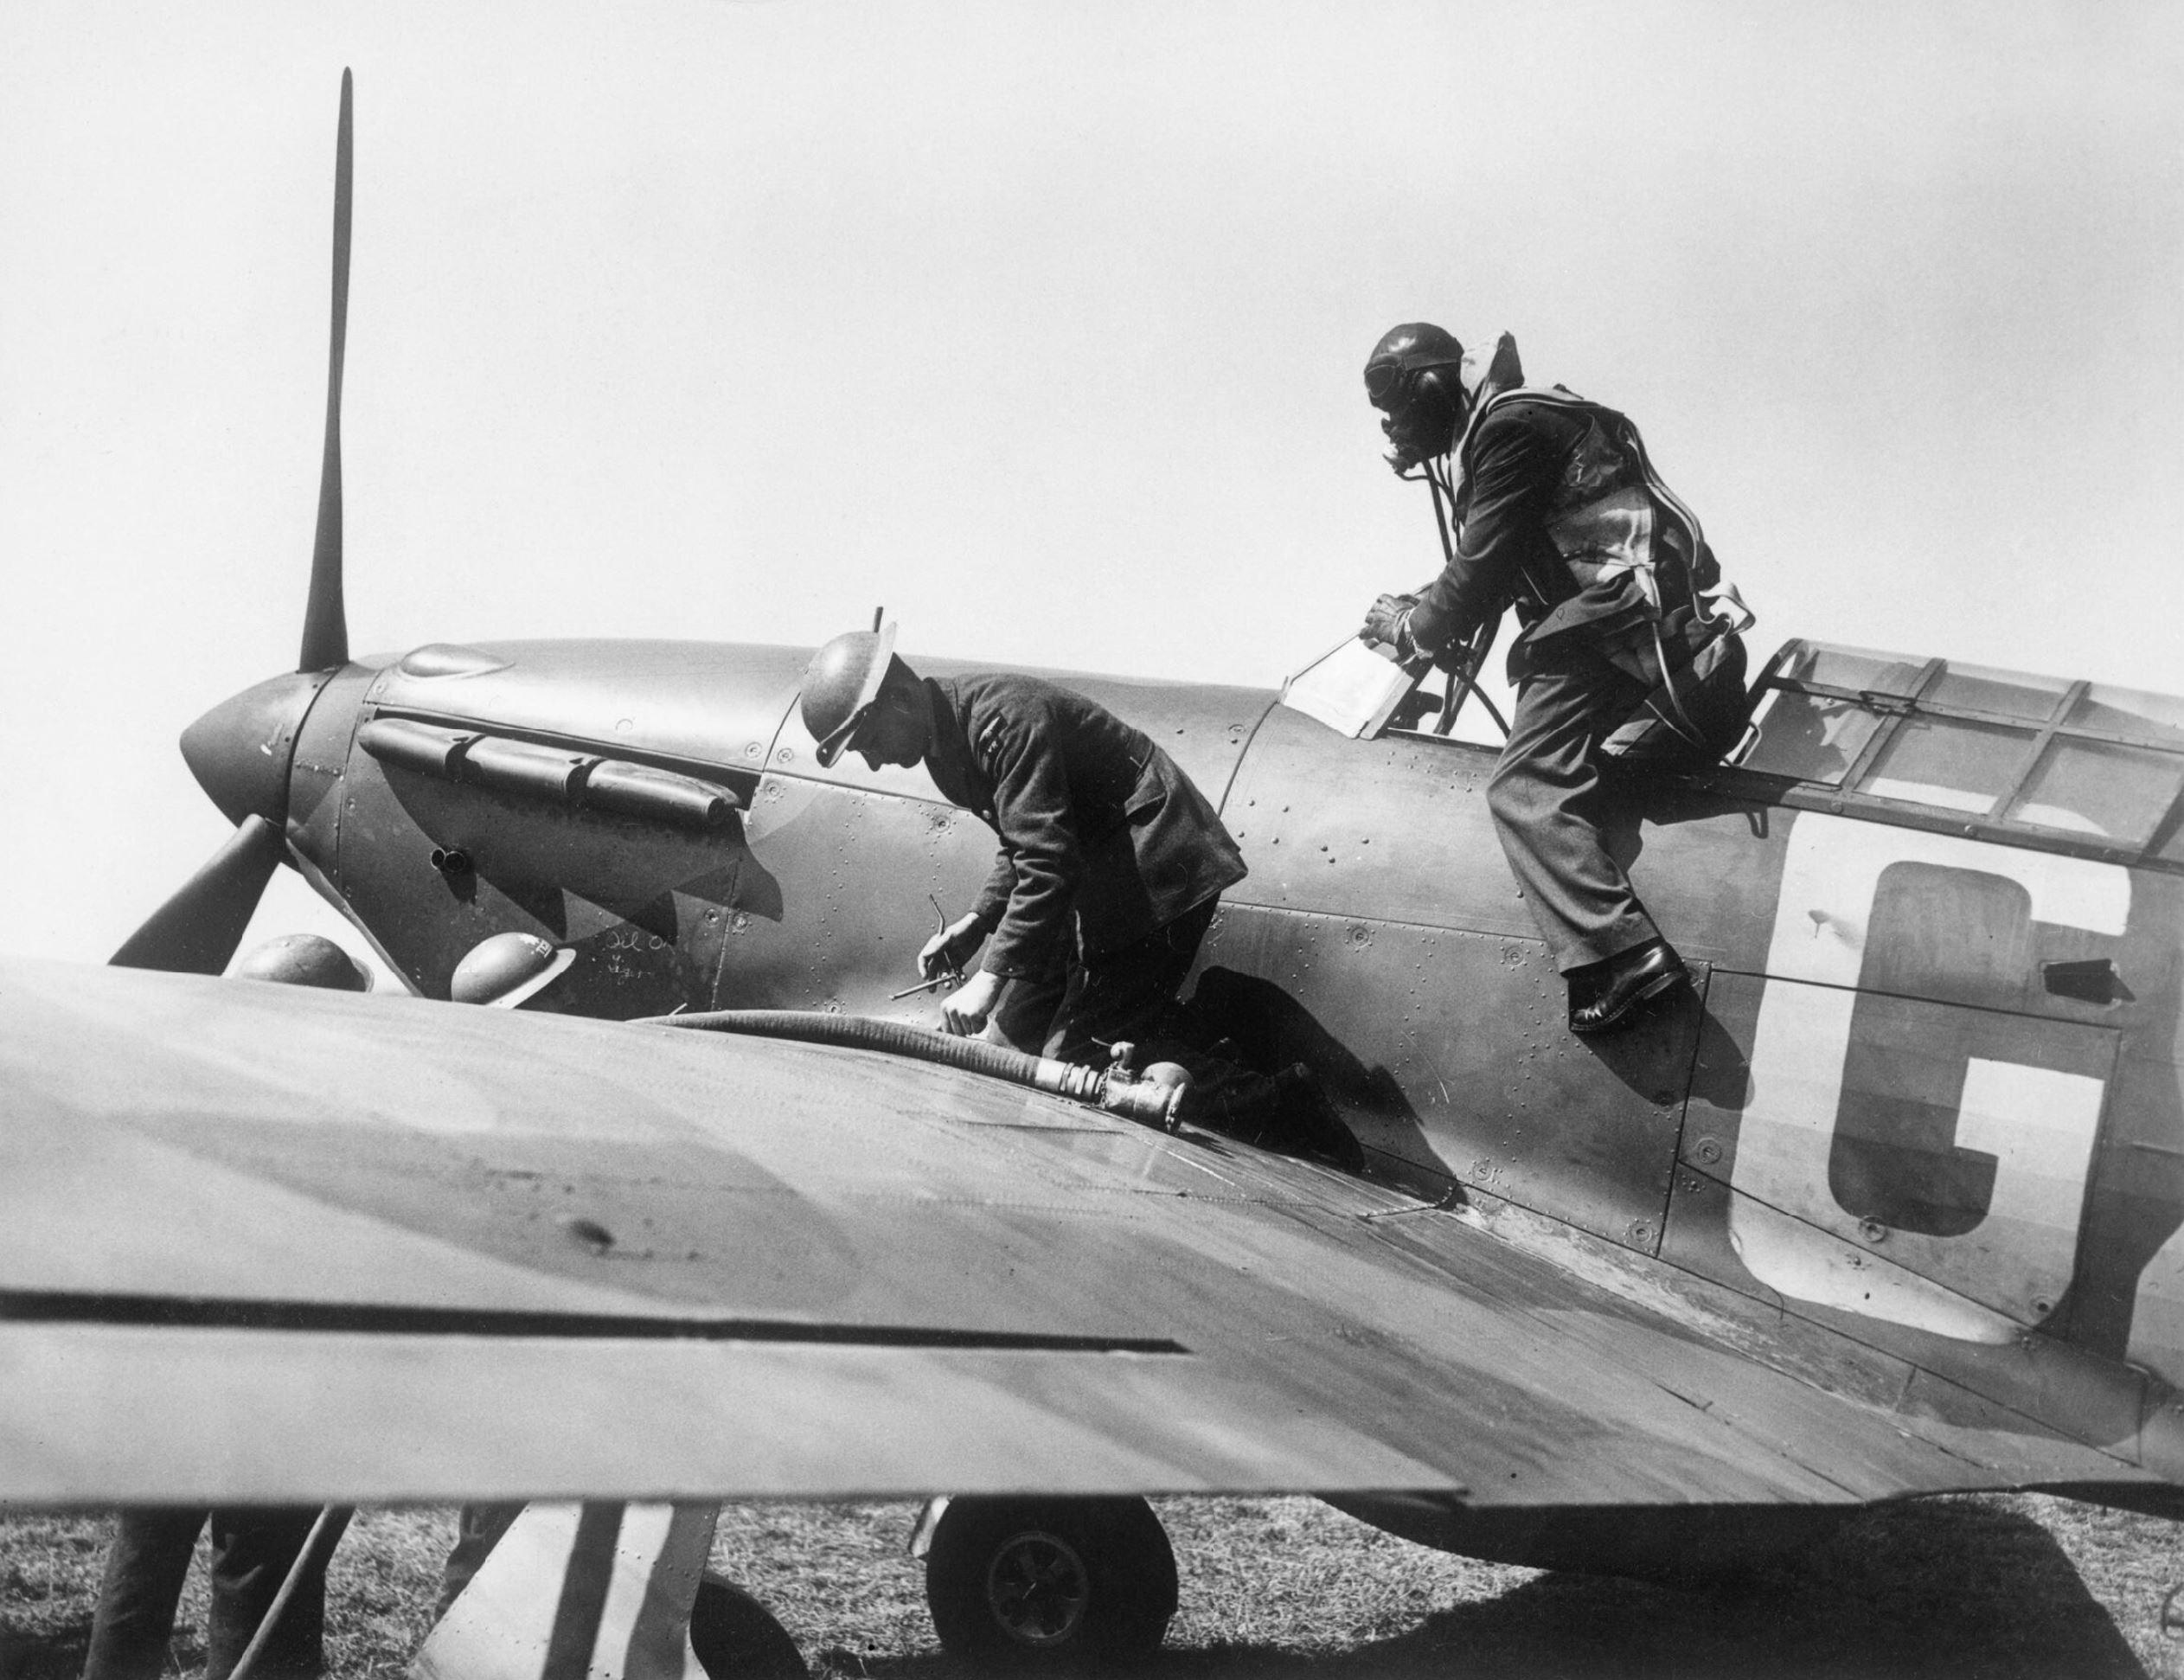 Hurricane I RAF 32Sqn GZ being refueled at RAF Hawkinge 1940 IWM HU54513